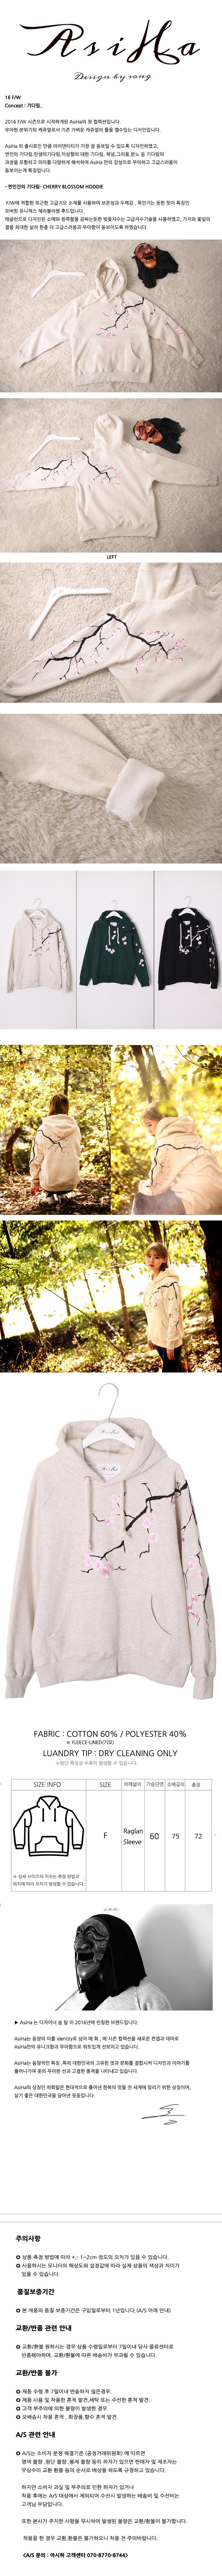 하얀벚꽃003.jpg